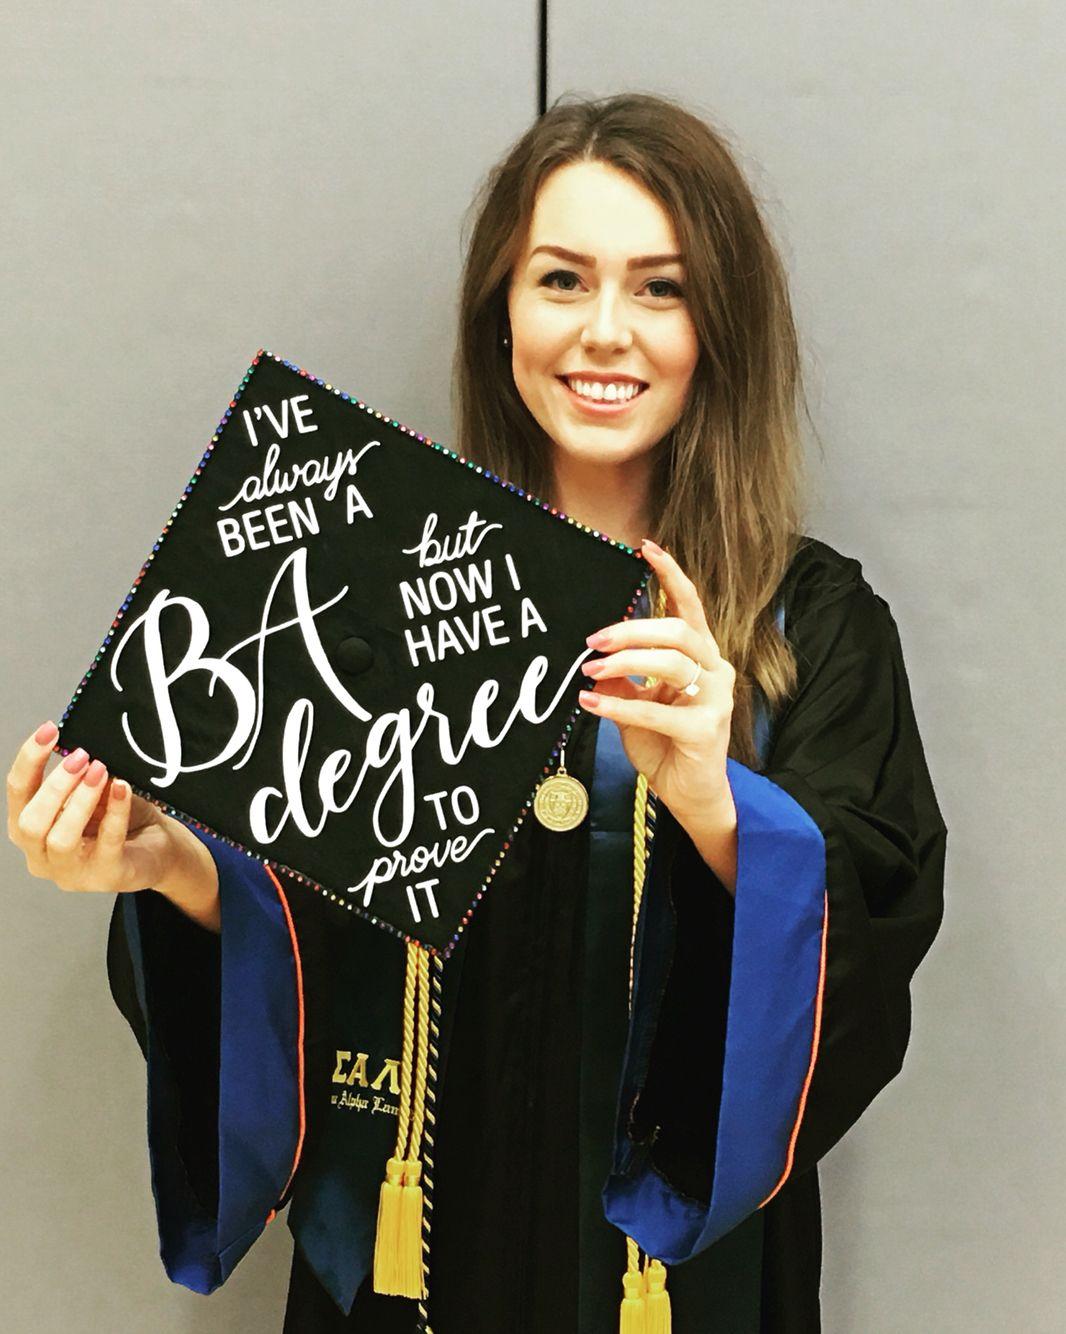 Home Page Graduation Cap Designs Diy Graduation Cap Graduation Cap